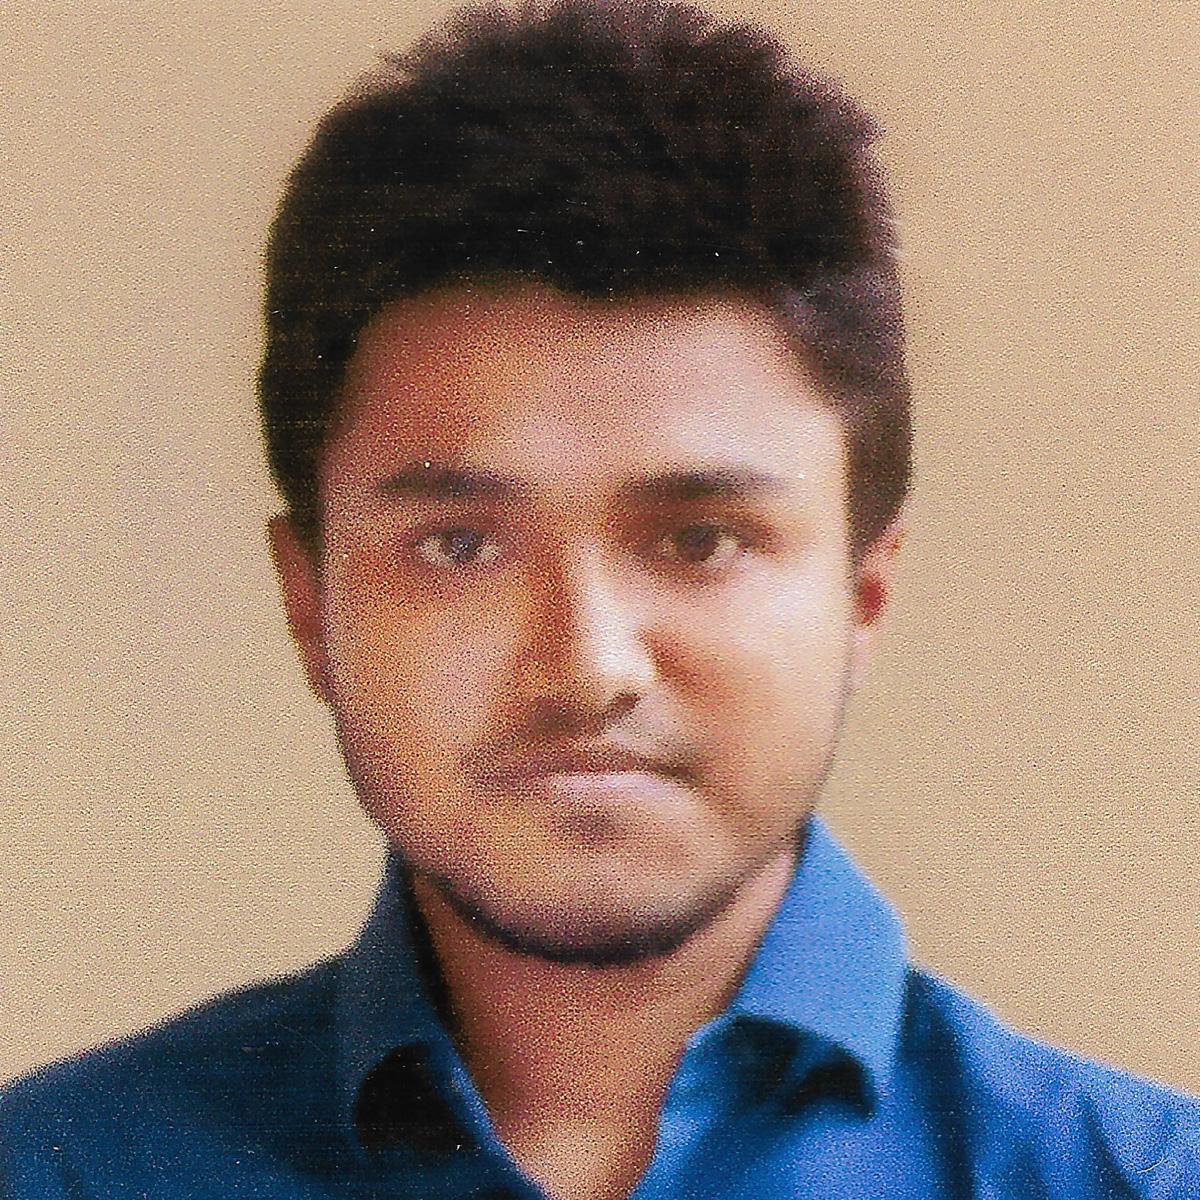 Atik Faisal